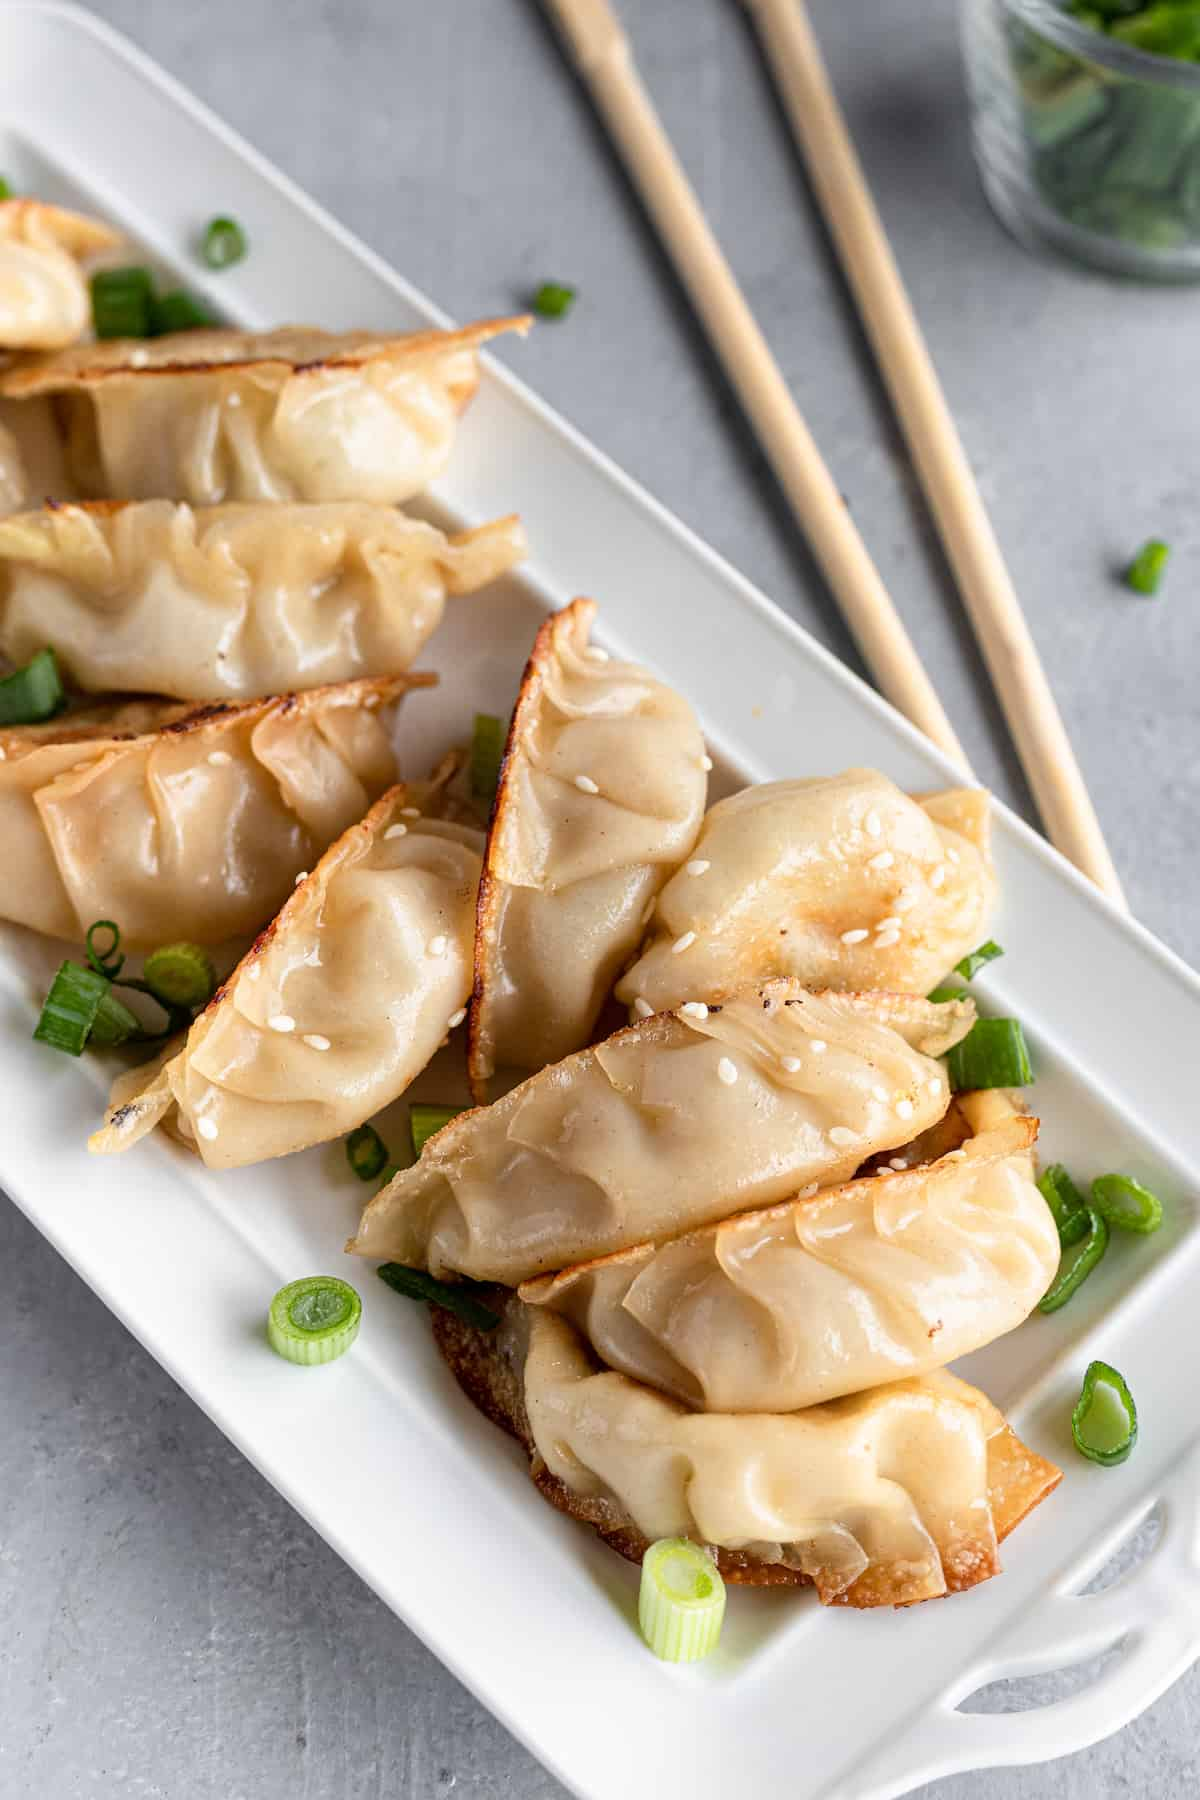 Ten Chicken Potstickers on a White Serving Platter Beside a Pair of Chopsticks